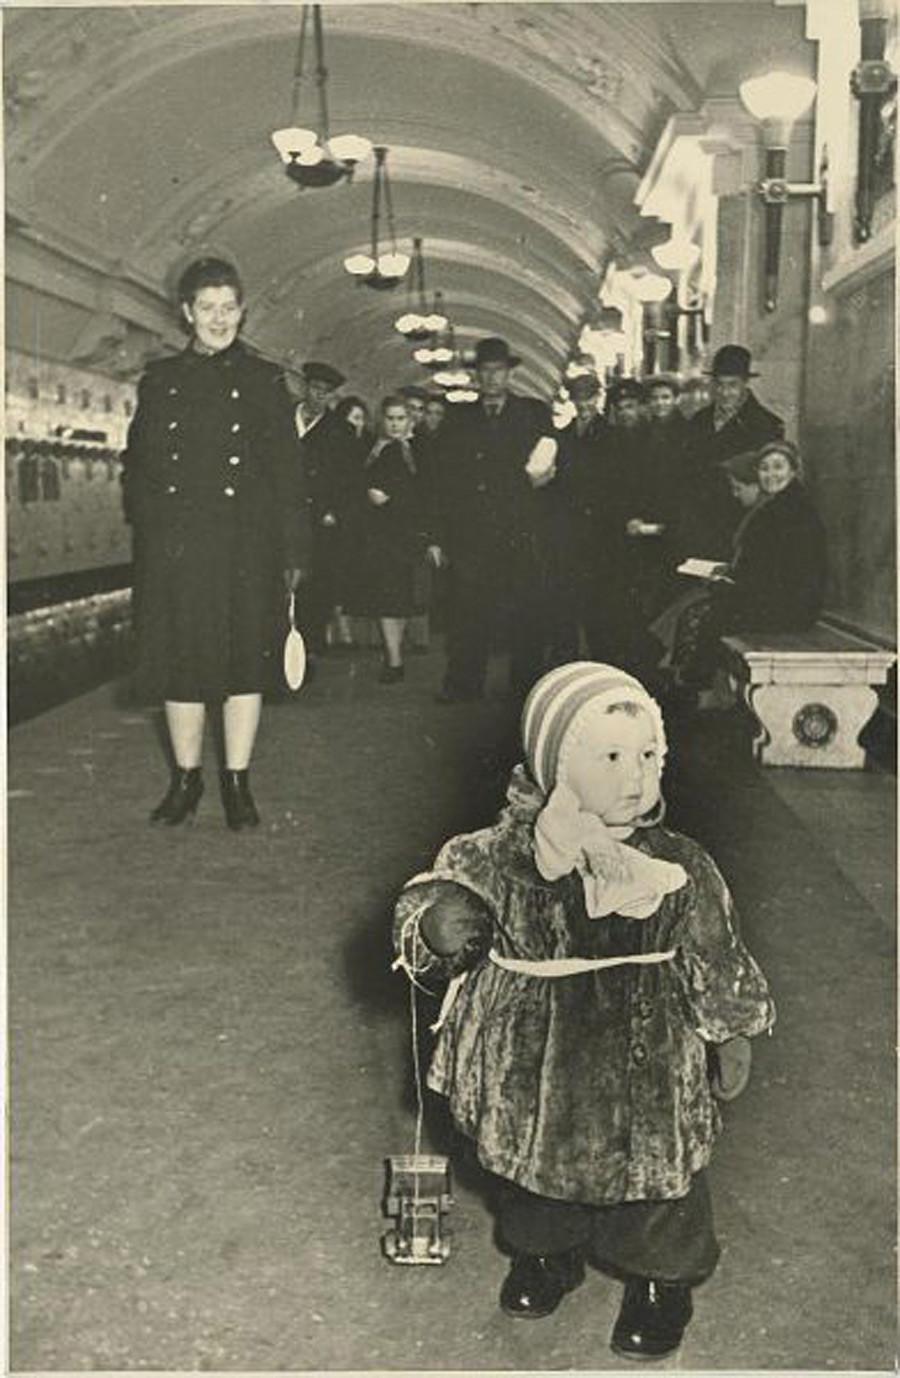 Dans le métro, années 1950